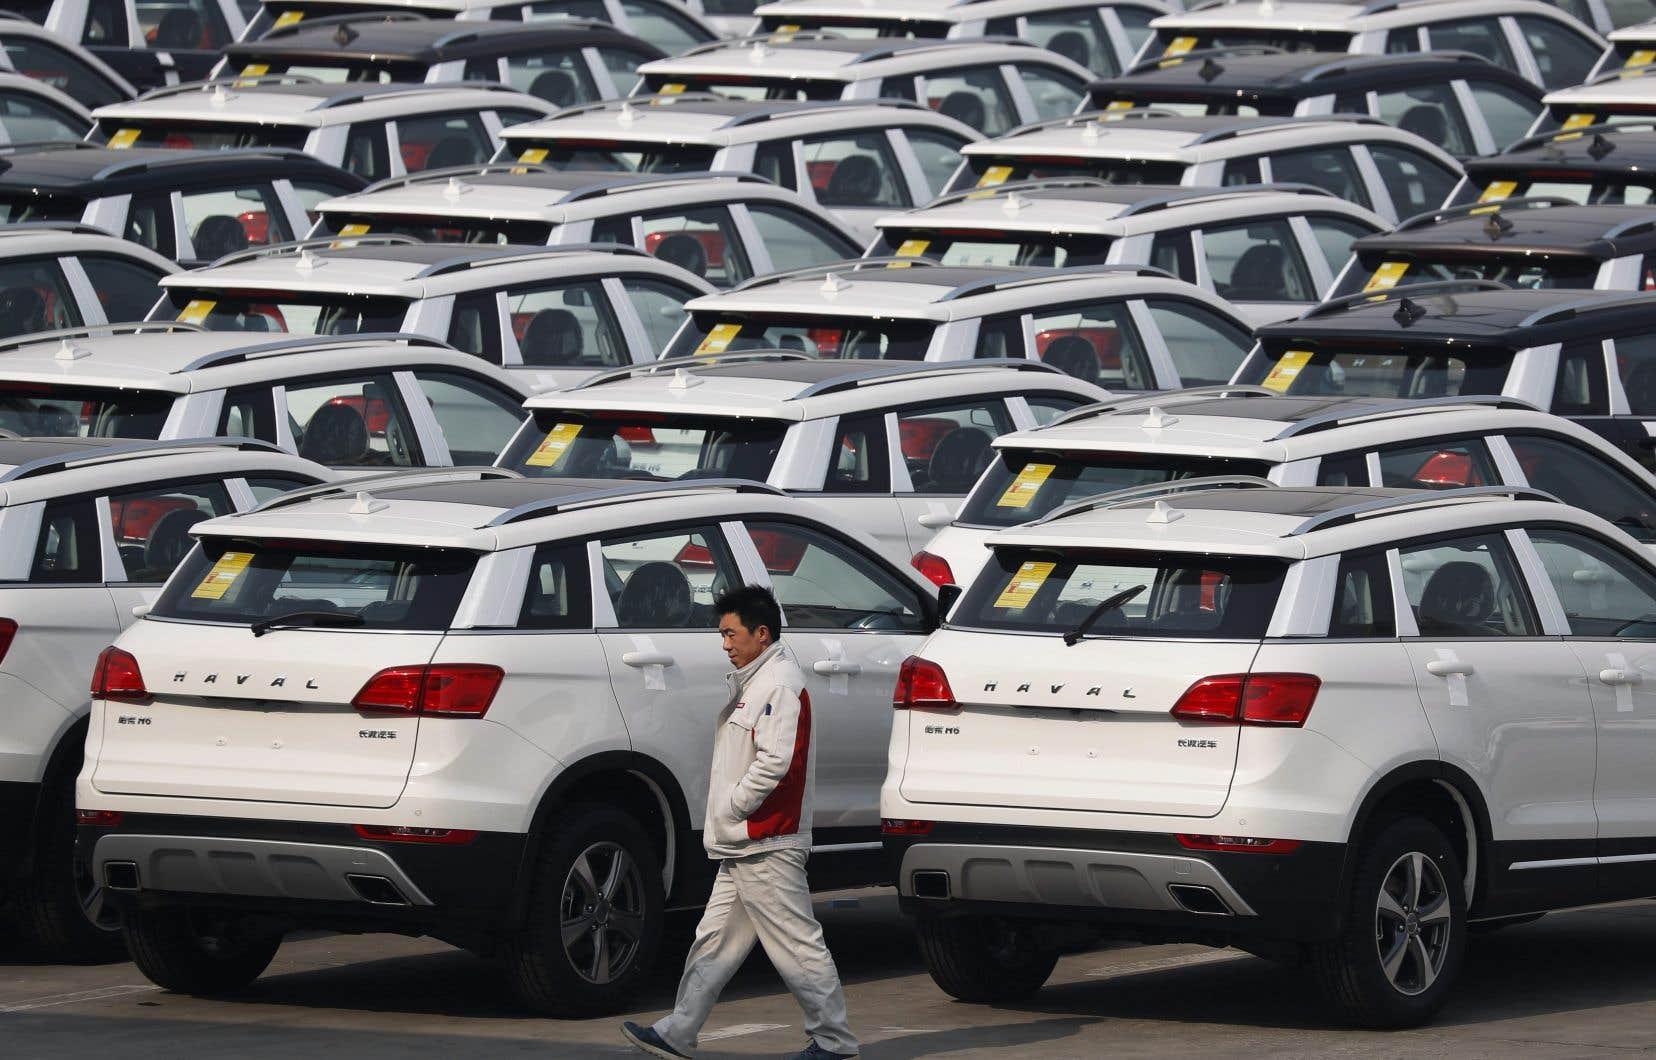 En refusant de taxer adéquatement l'usage de l'automobile, l'État mine d'avance tout espoir de changement de comportement, se désole l'auteur.